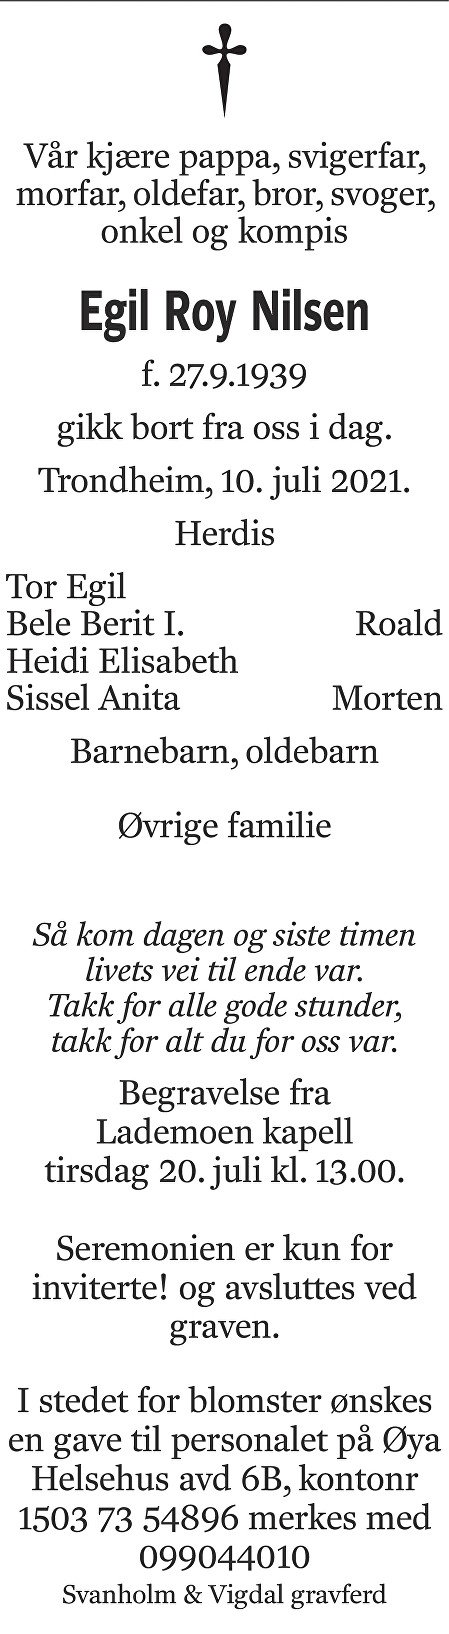 Egil Roy Nilsen Dødsannonse